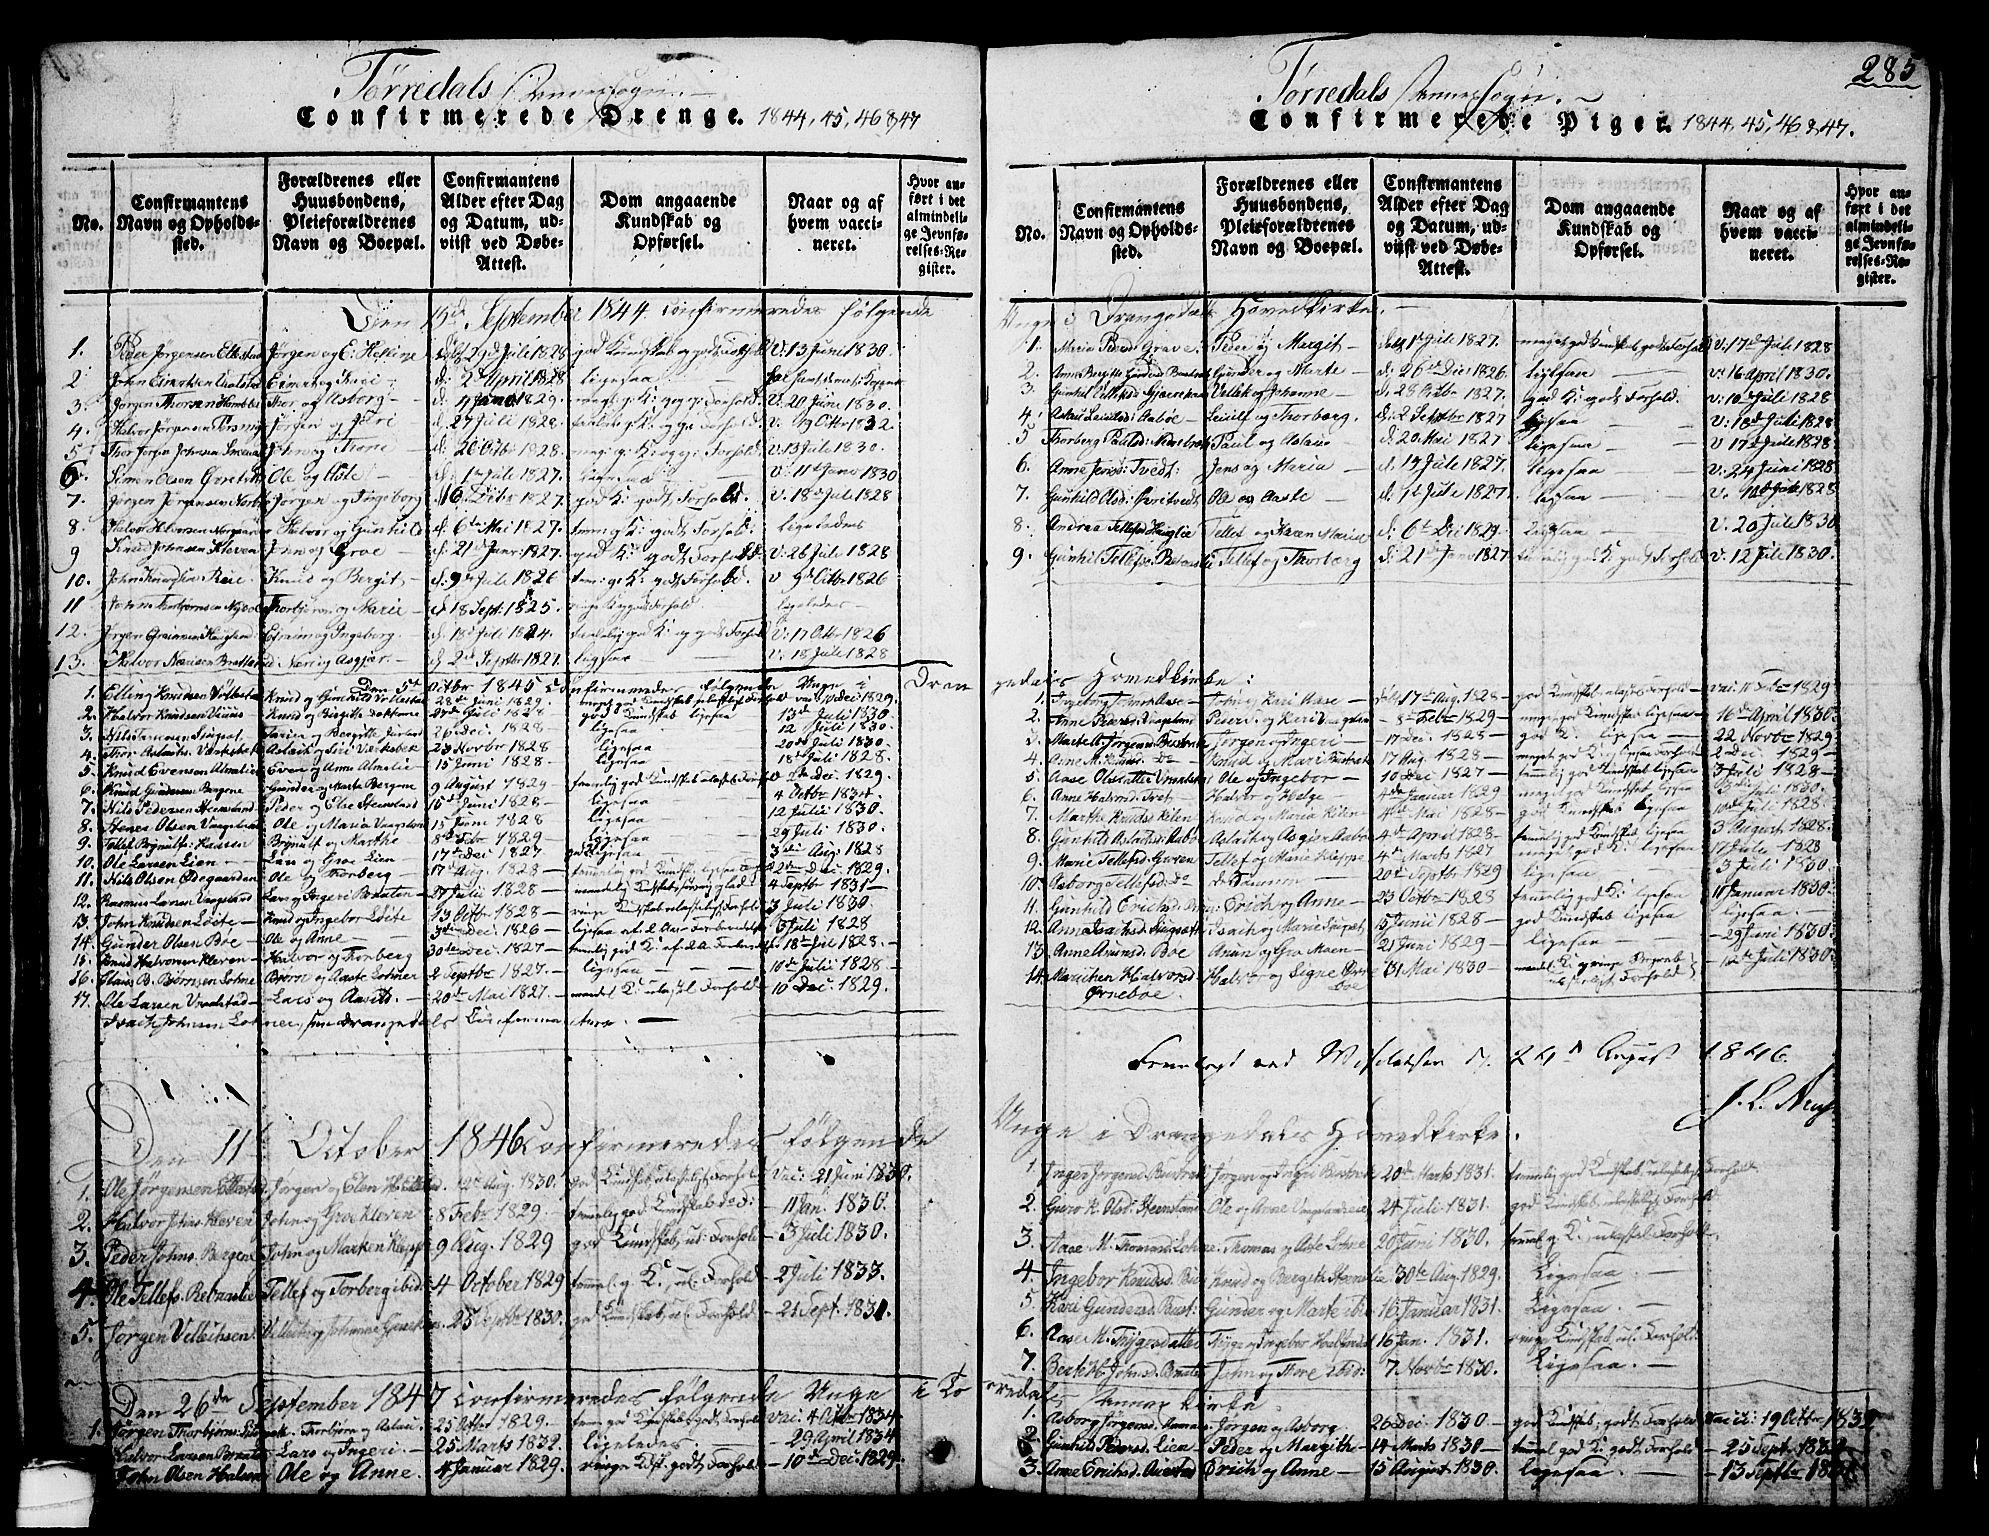 SAKO, Drangedal kirkebøker, G/Ga/L0001: Klokkerbok nr. I 1 /2, 1814-1856, s. 285